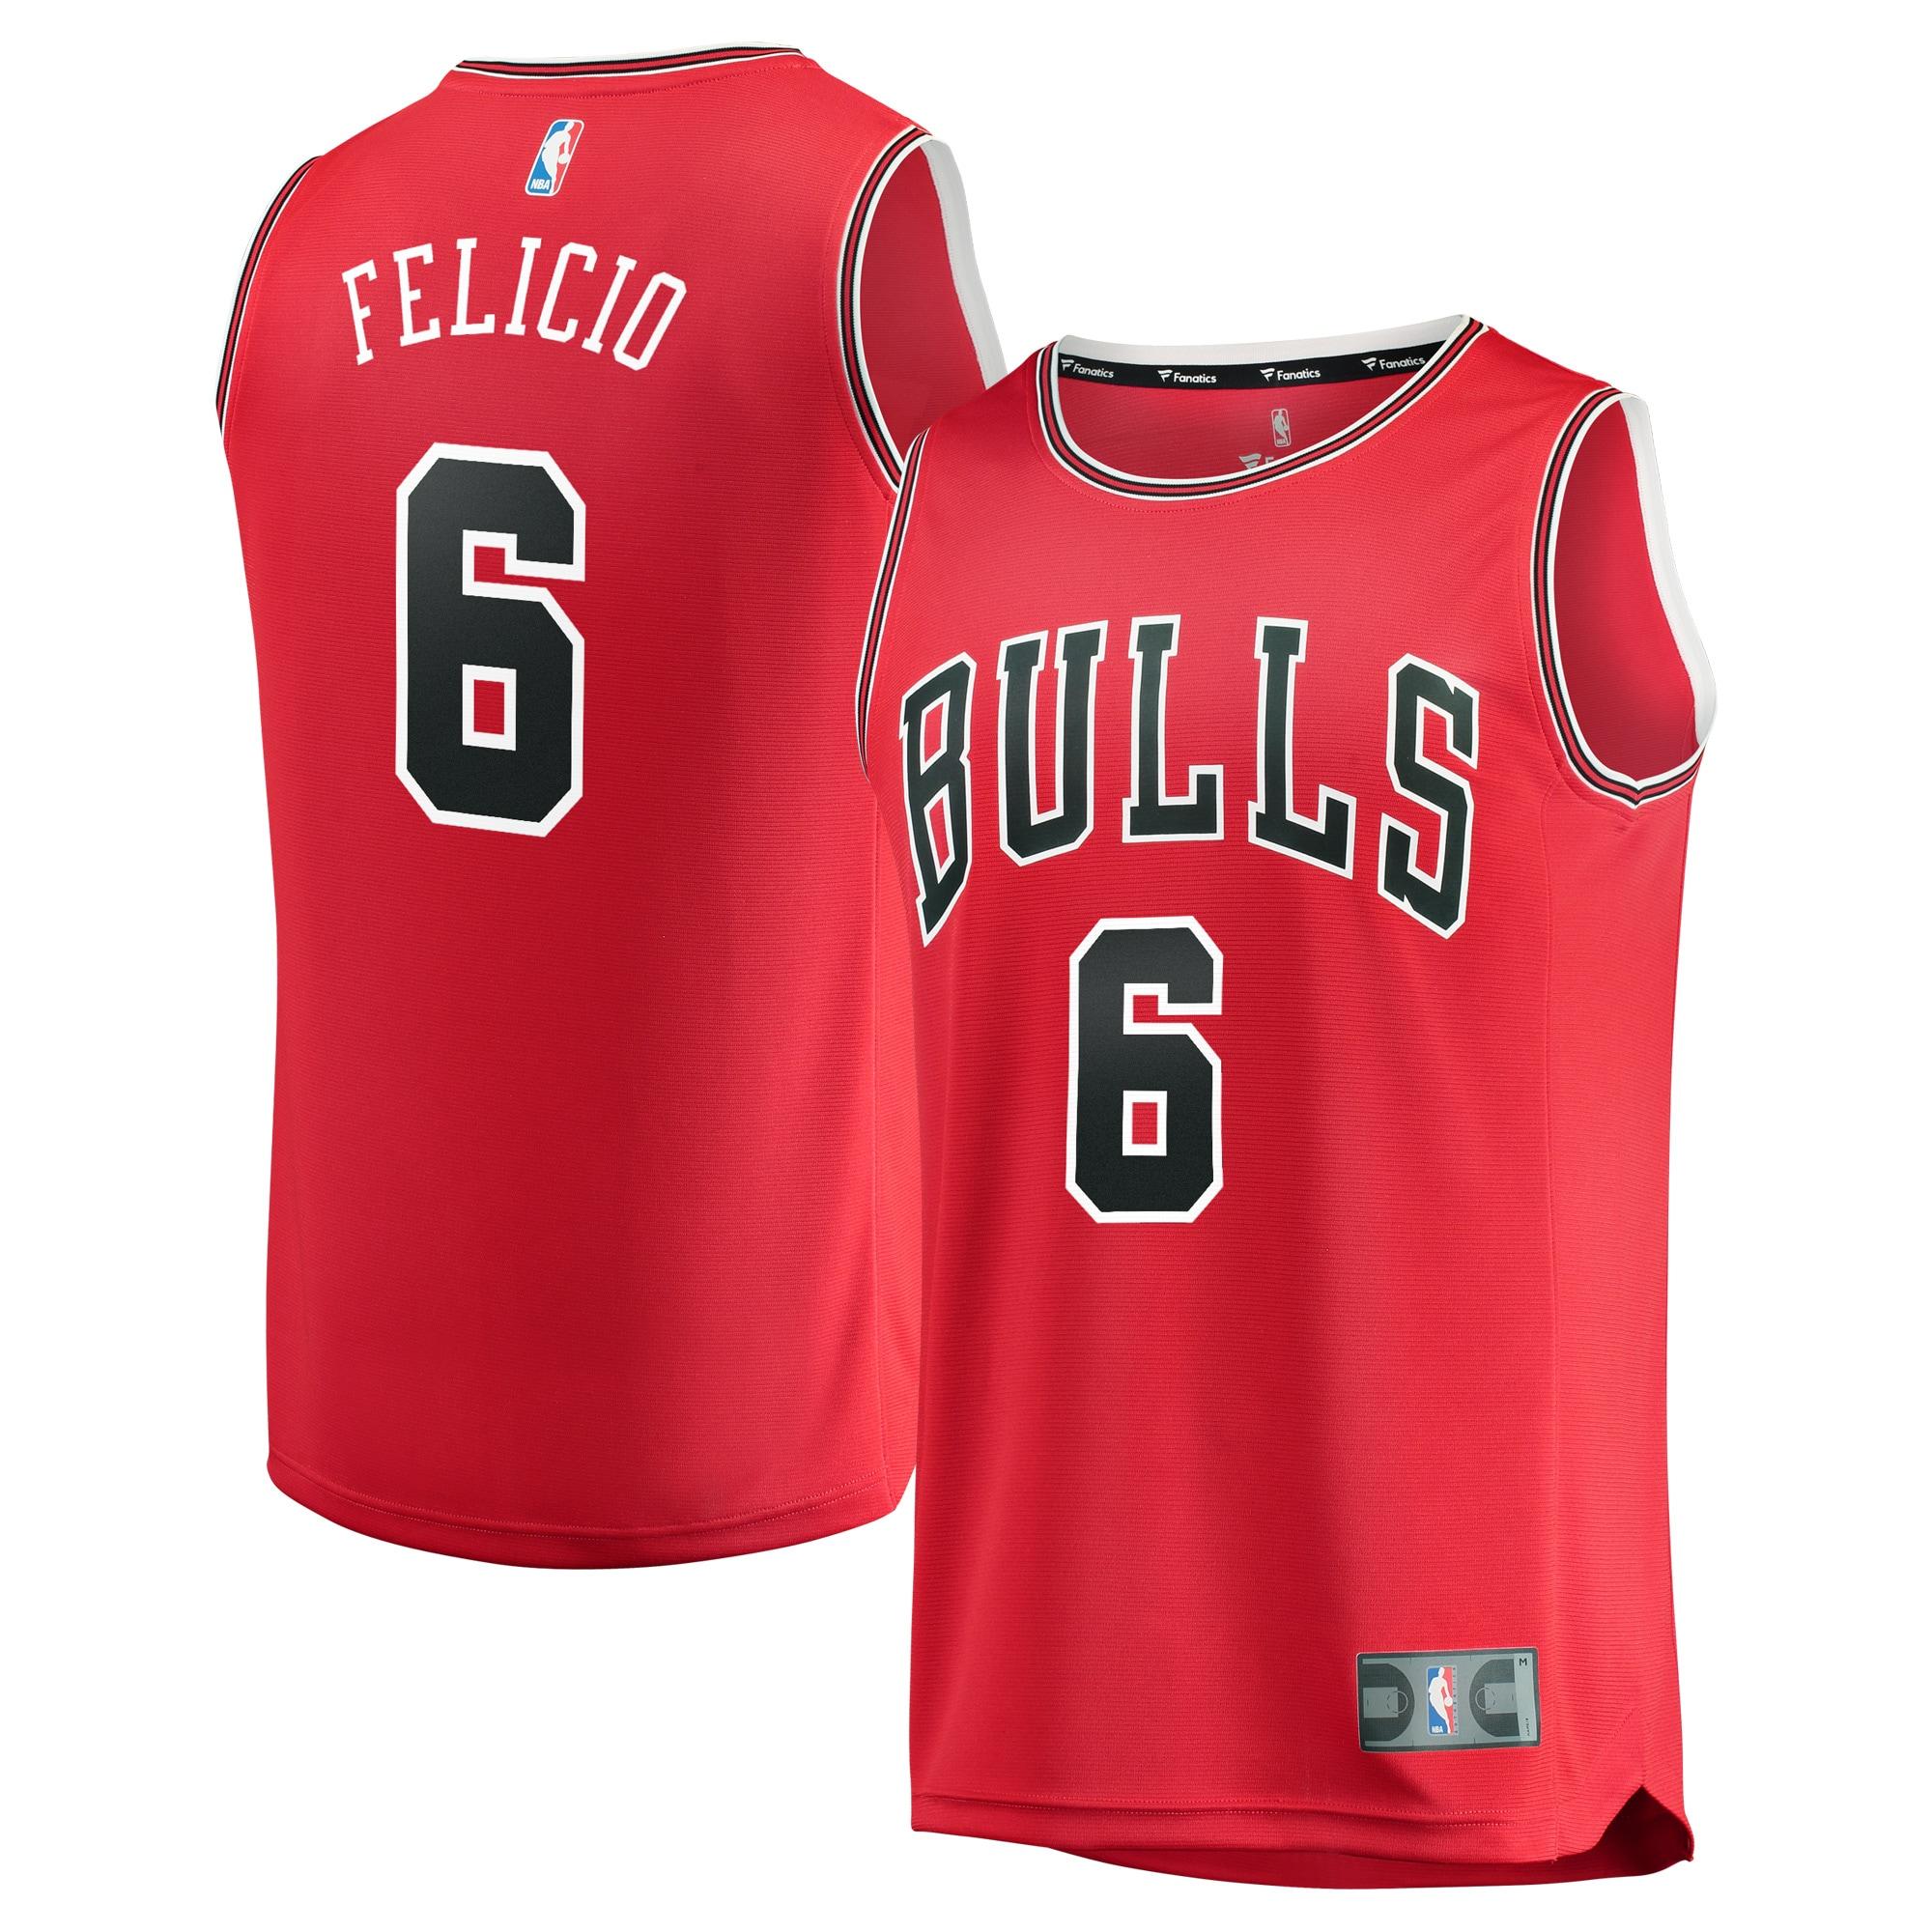 Cristiano Felicio Chicago Bulls Fanatics Branded Fast Break Road Replica Player Jersey Red - Icon Edition